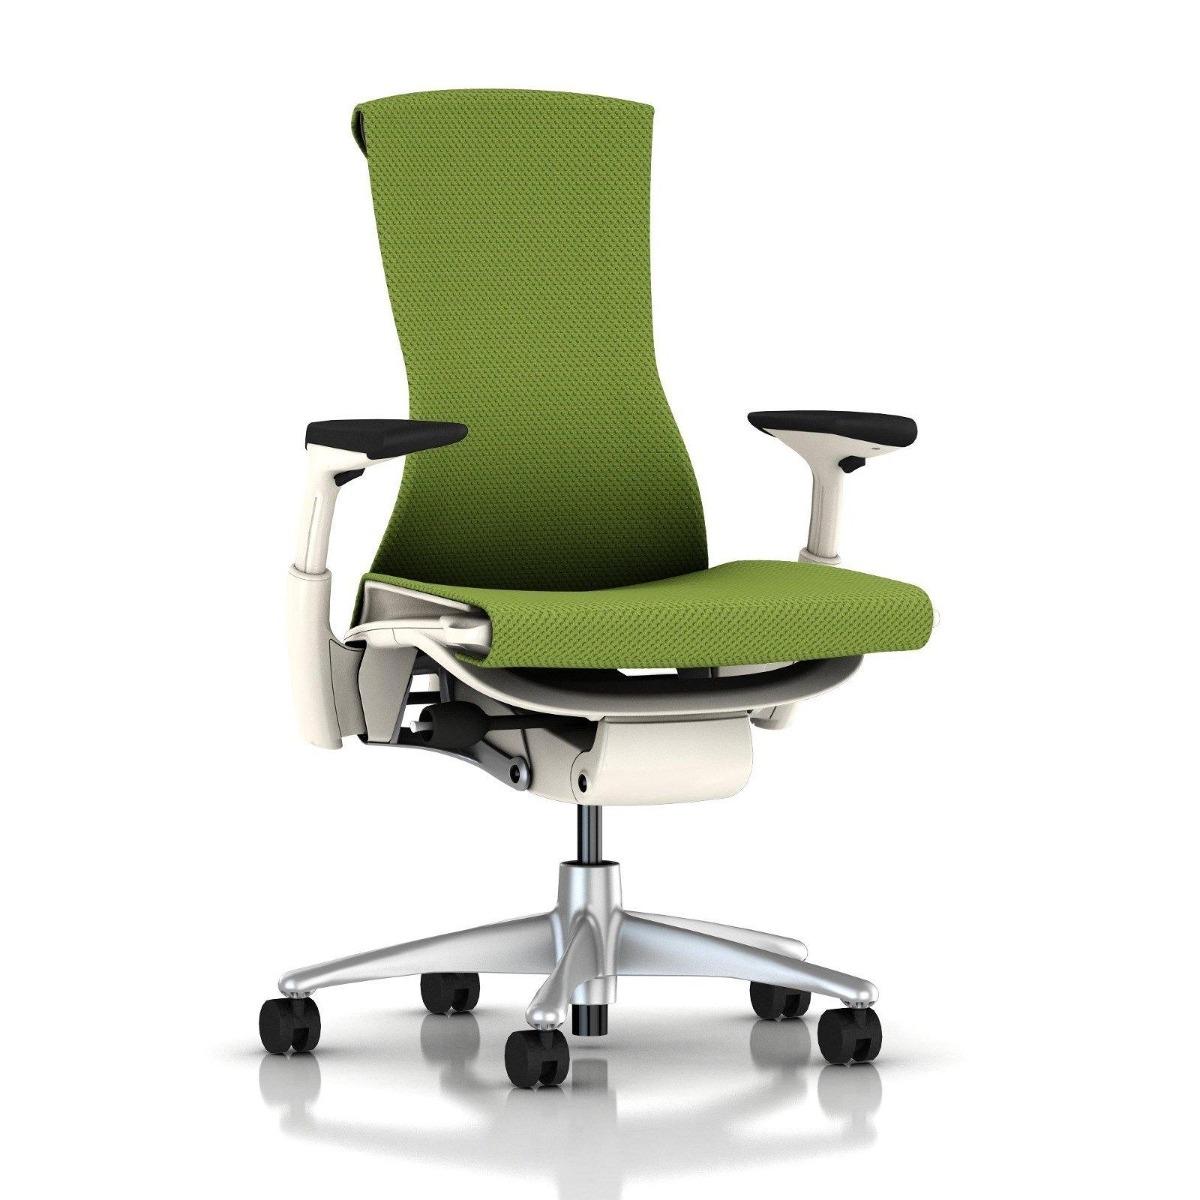 Herman miller embody silla ergonomica para escritorio u for Sillas para escritorio